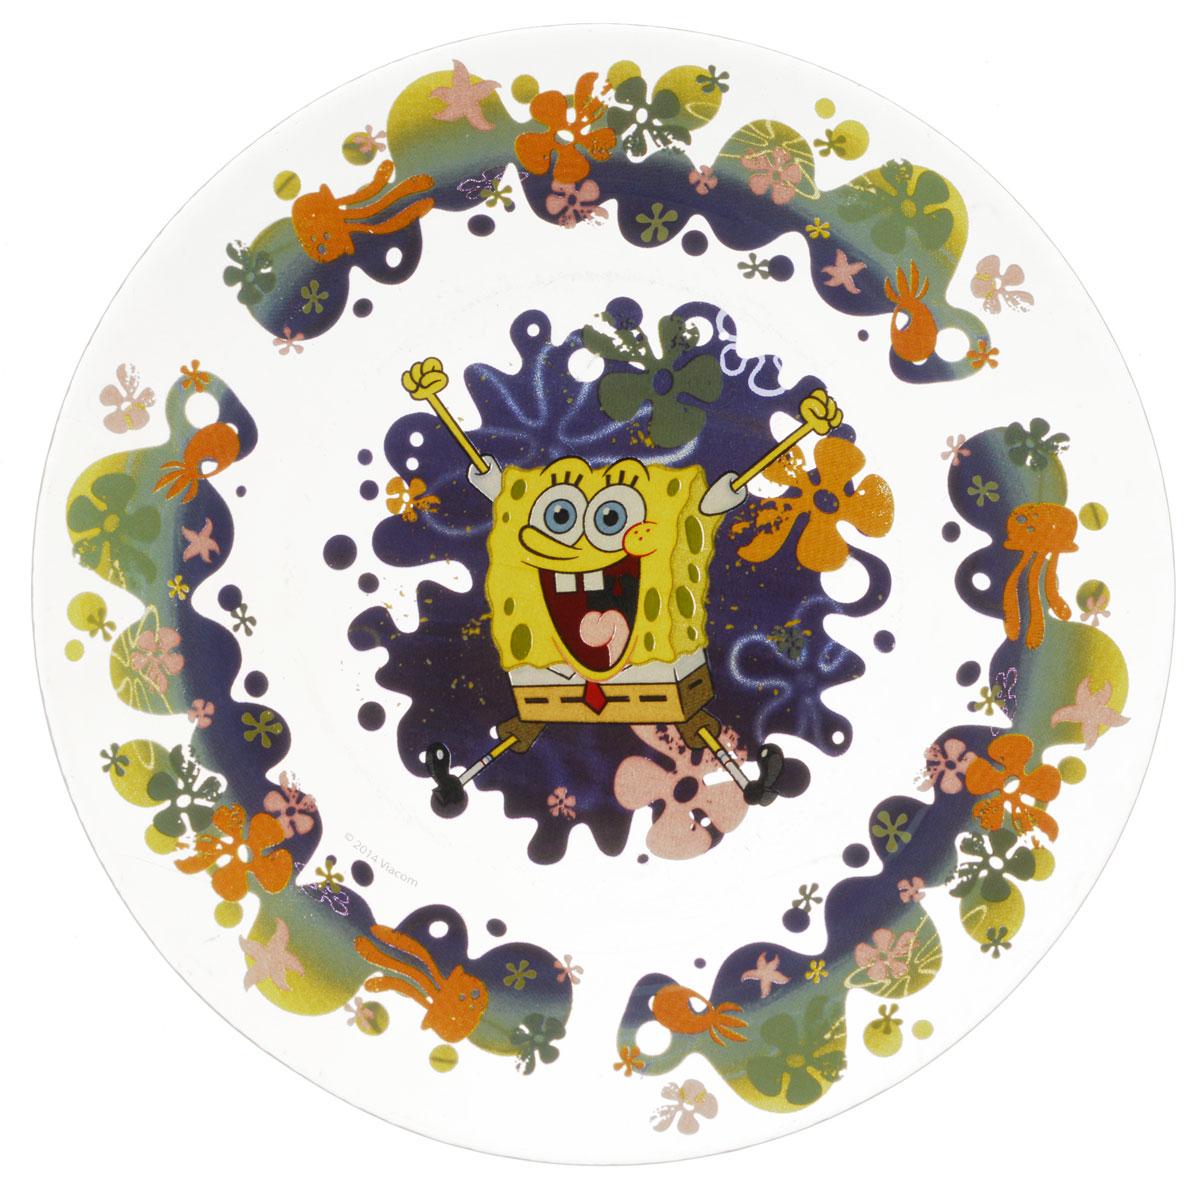 Губка Боб Тарелка детская Водный мир диаметр 19,5 см54 009312Яркая тарелка Губка Боб Водный мир идеально подойдет для кормления малыша и самостоятельного приема им пищи. Тарелка выполнена из стекла и оформлена высококачественным изображением героя мультфильма Губка Боб.Такой подарок станет не только приятным, но и практичным сувениром, добавит ярких эмоций вашему ребенку! Можно использовать в посудомоечной машине.